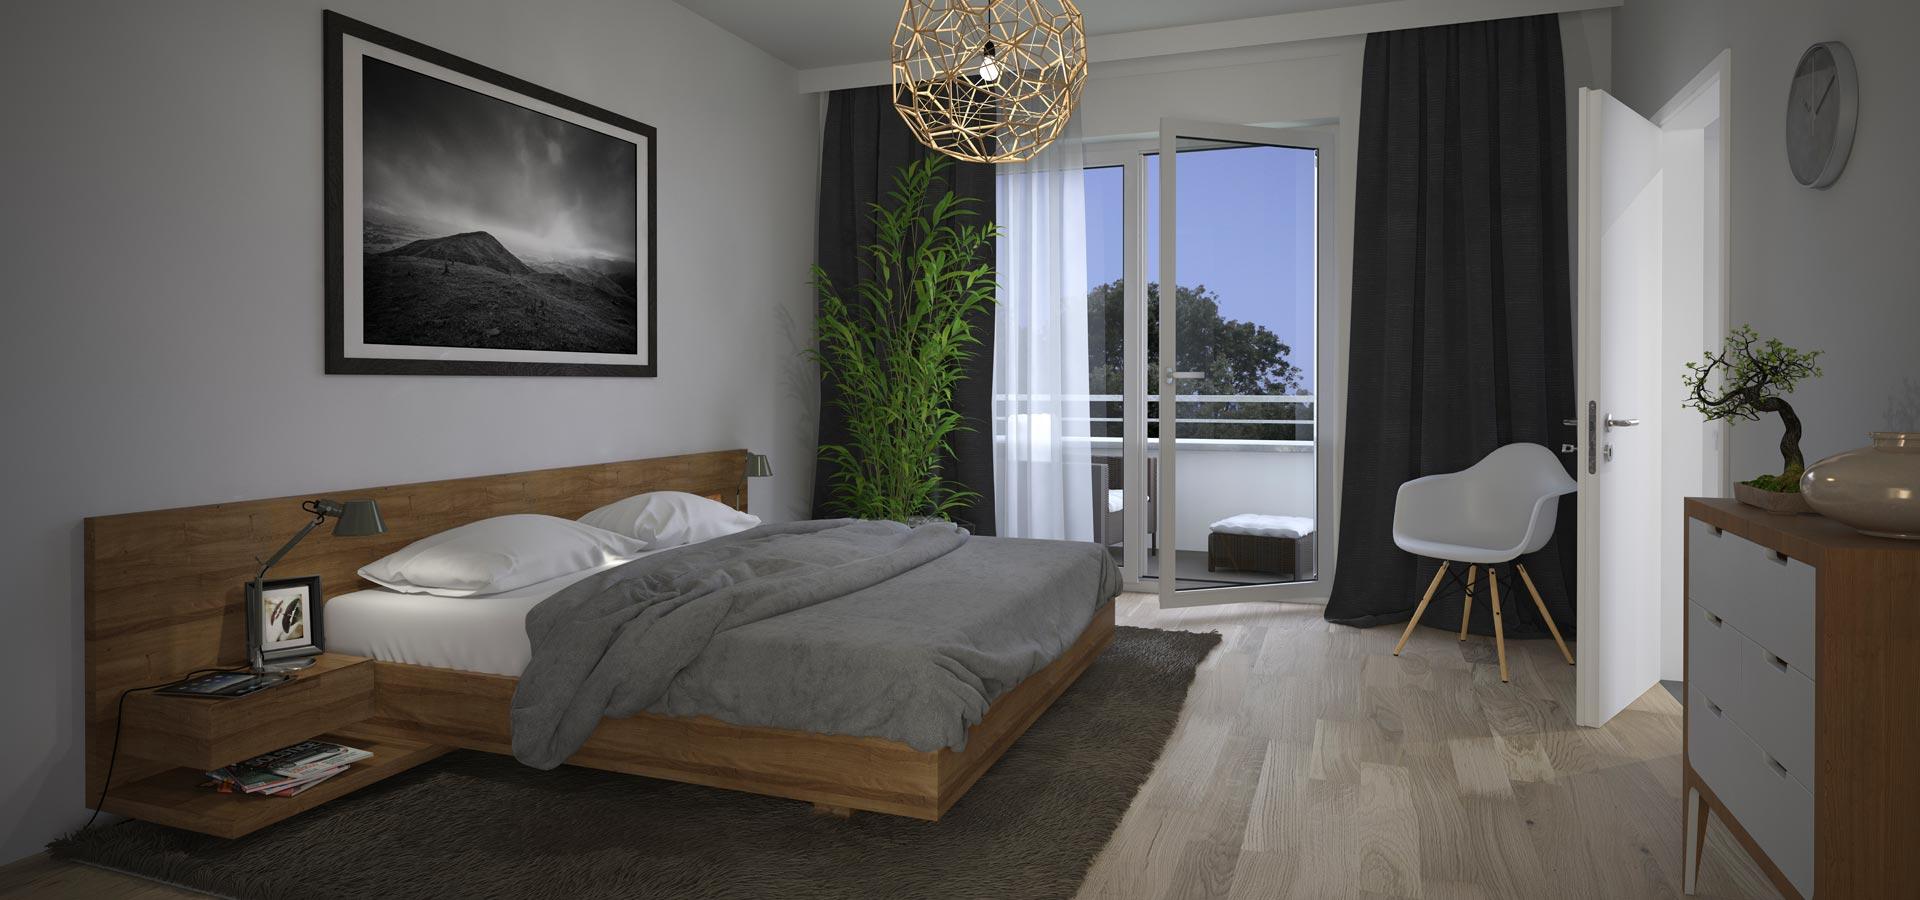 OPUS Marketing / Immobilienmarketing / Visualisierung / Schlafzimmer